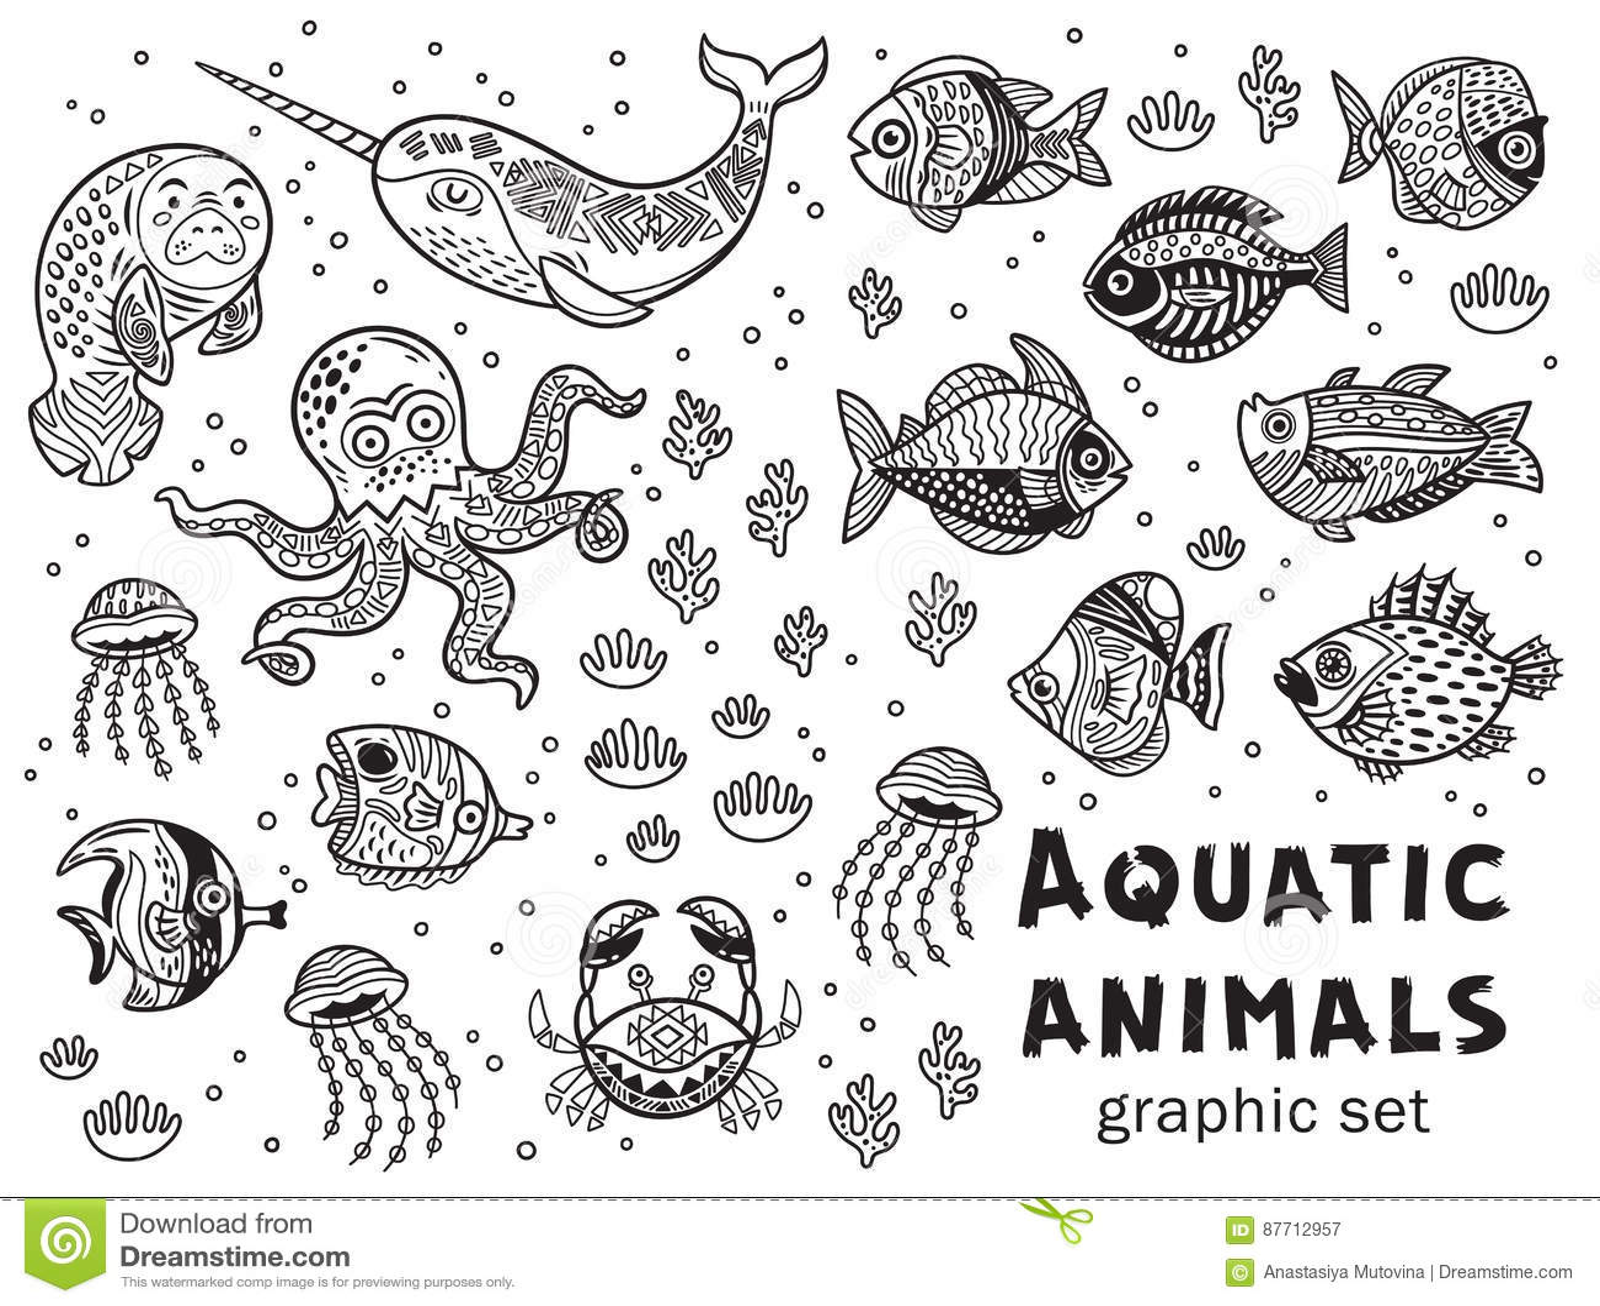 Aquatic Animals Vector Graphic Set Stock Vector